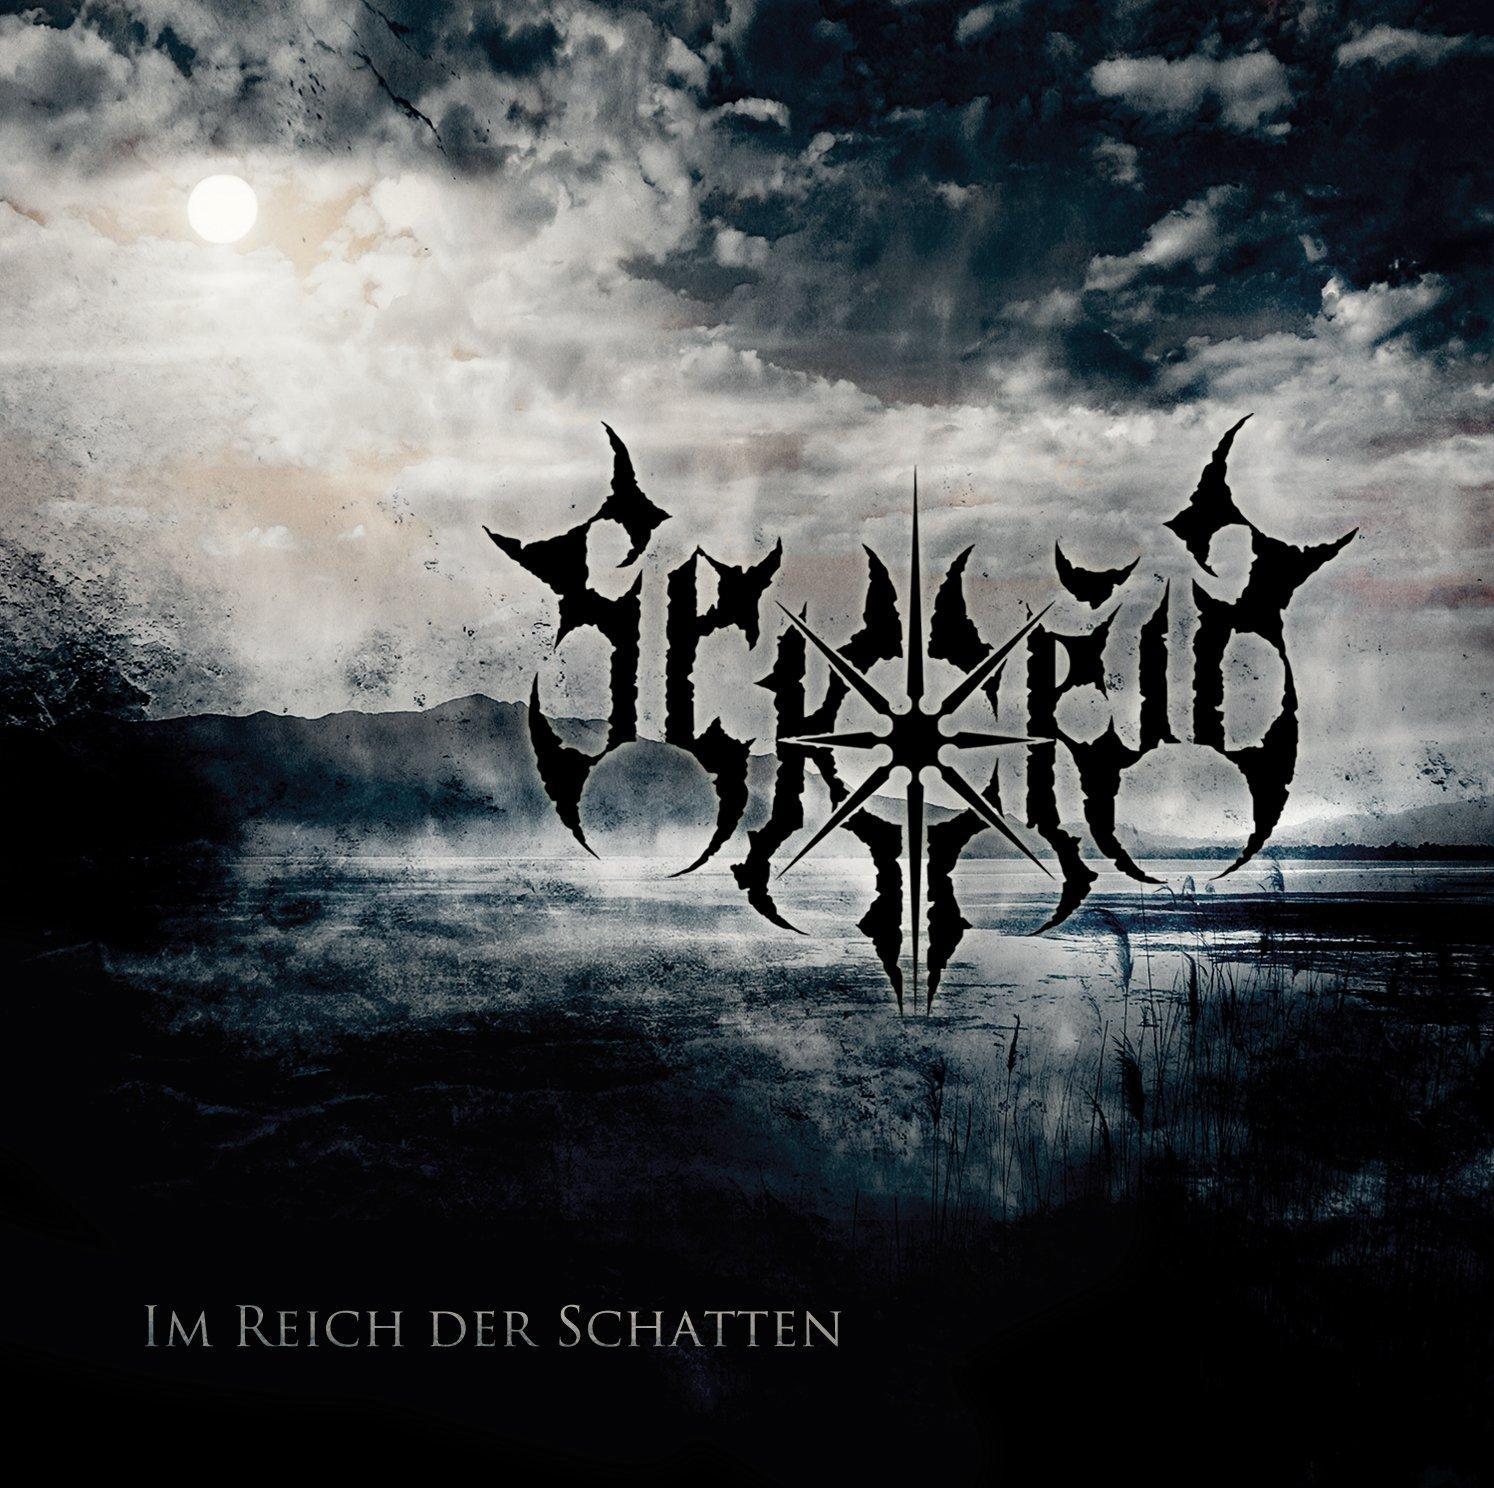 Sekoria_-_Im_Reich_der_Schatten_Cover